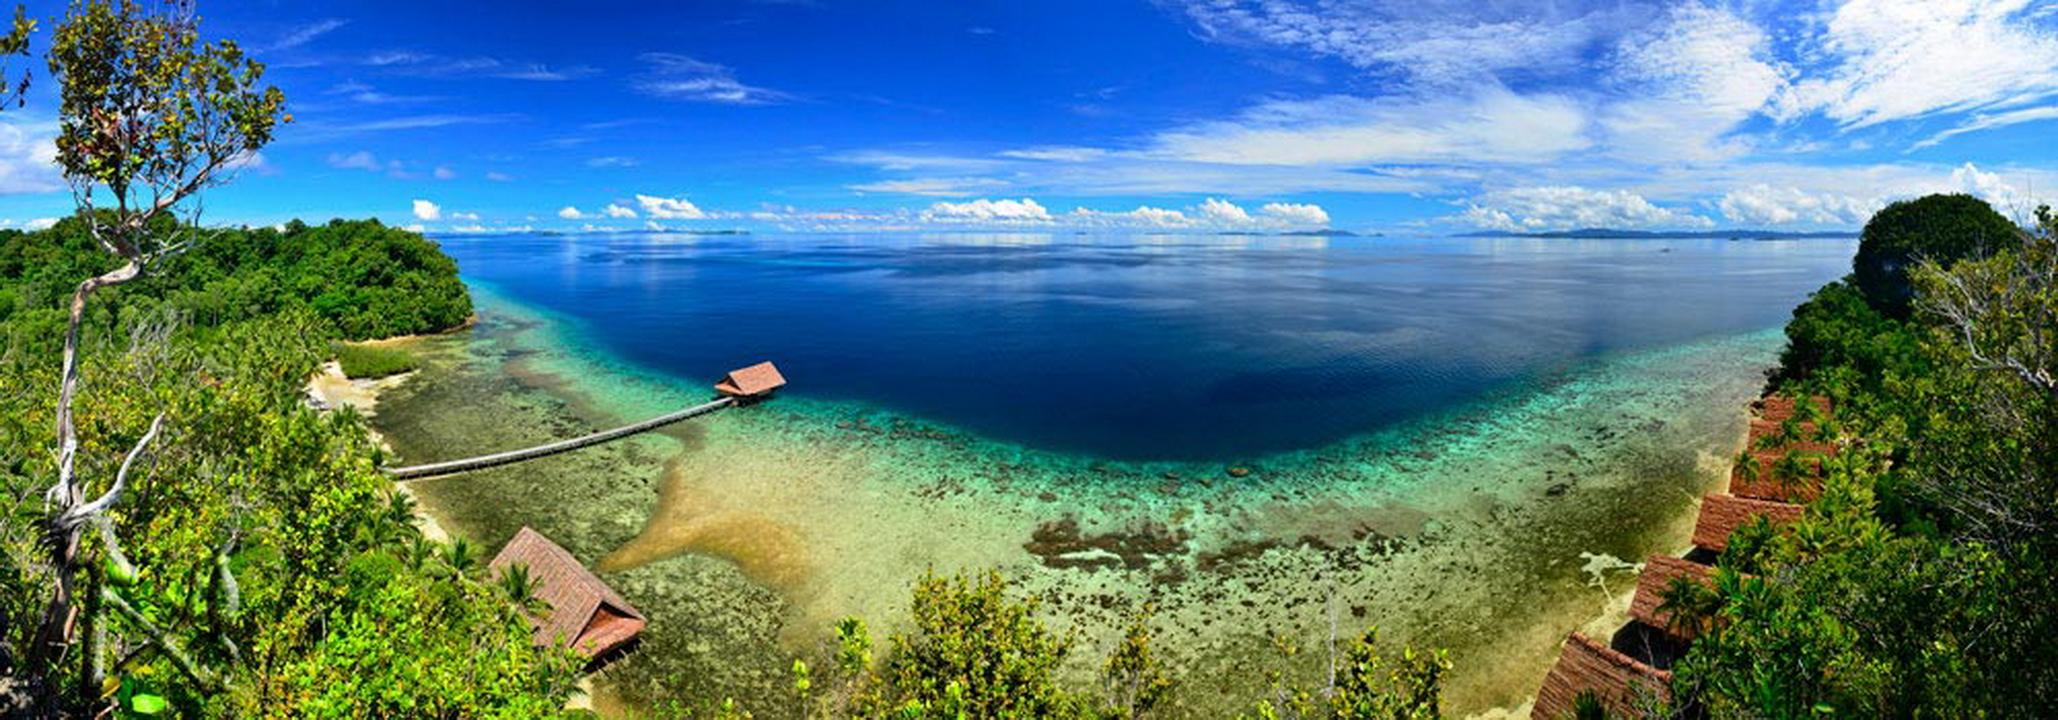 Raja 4 divers resort - Dive resort raja ampat ...